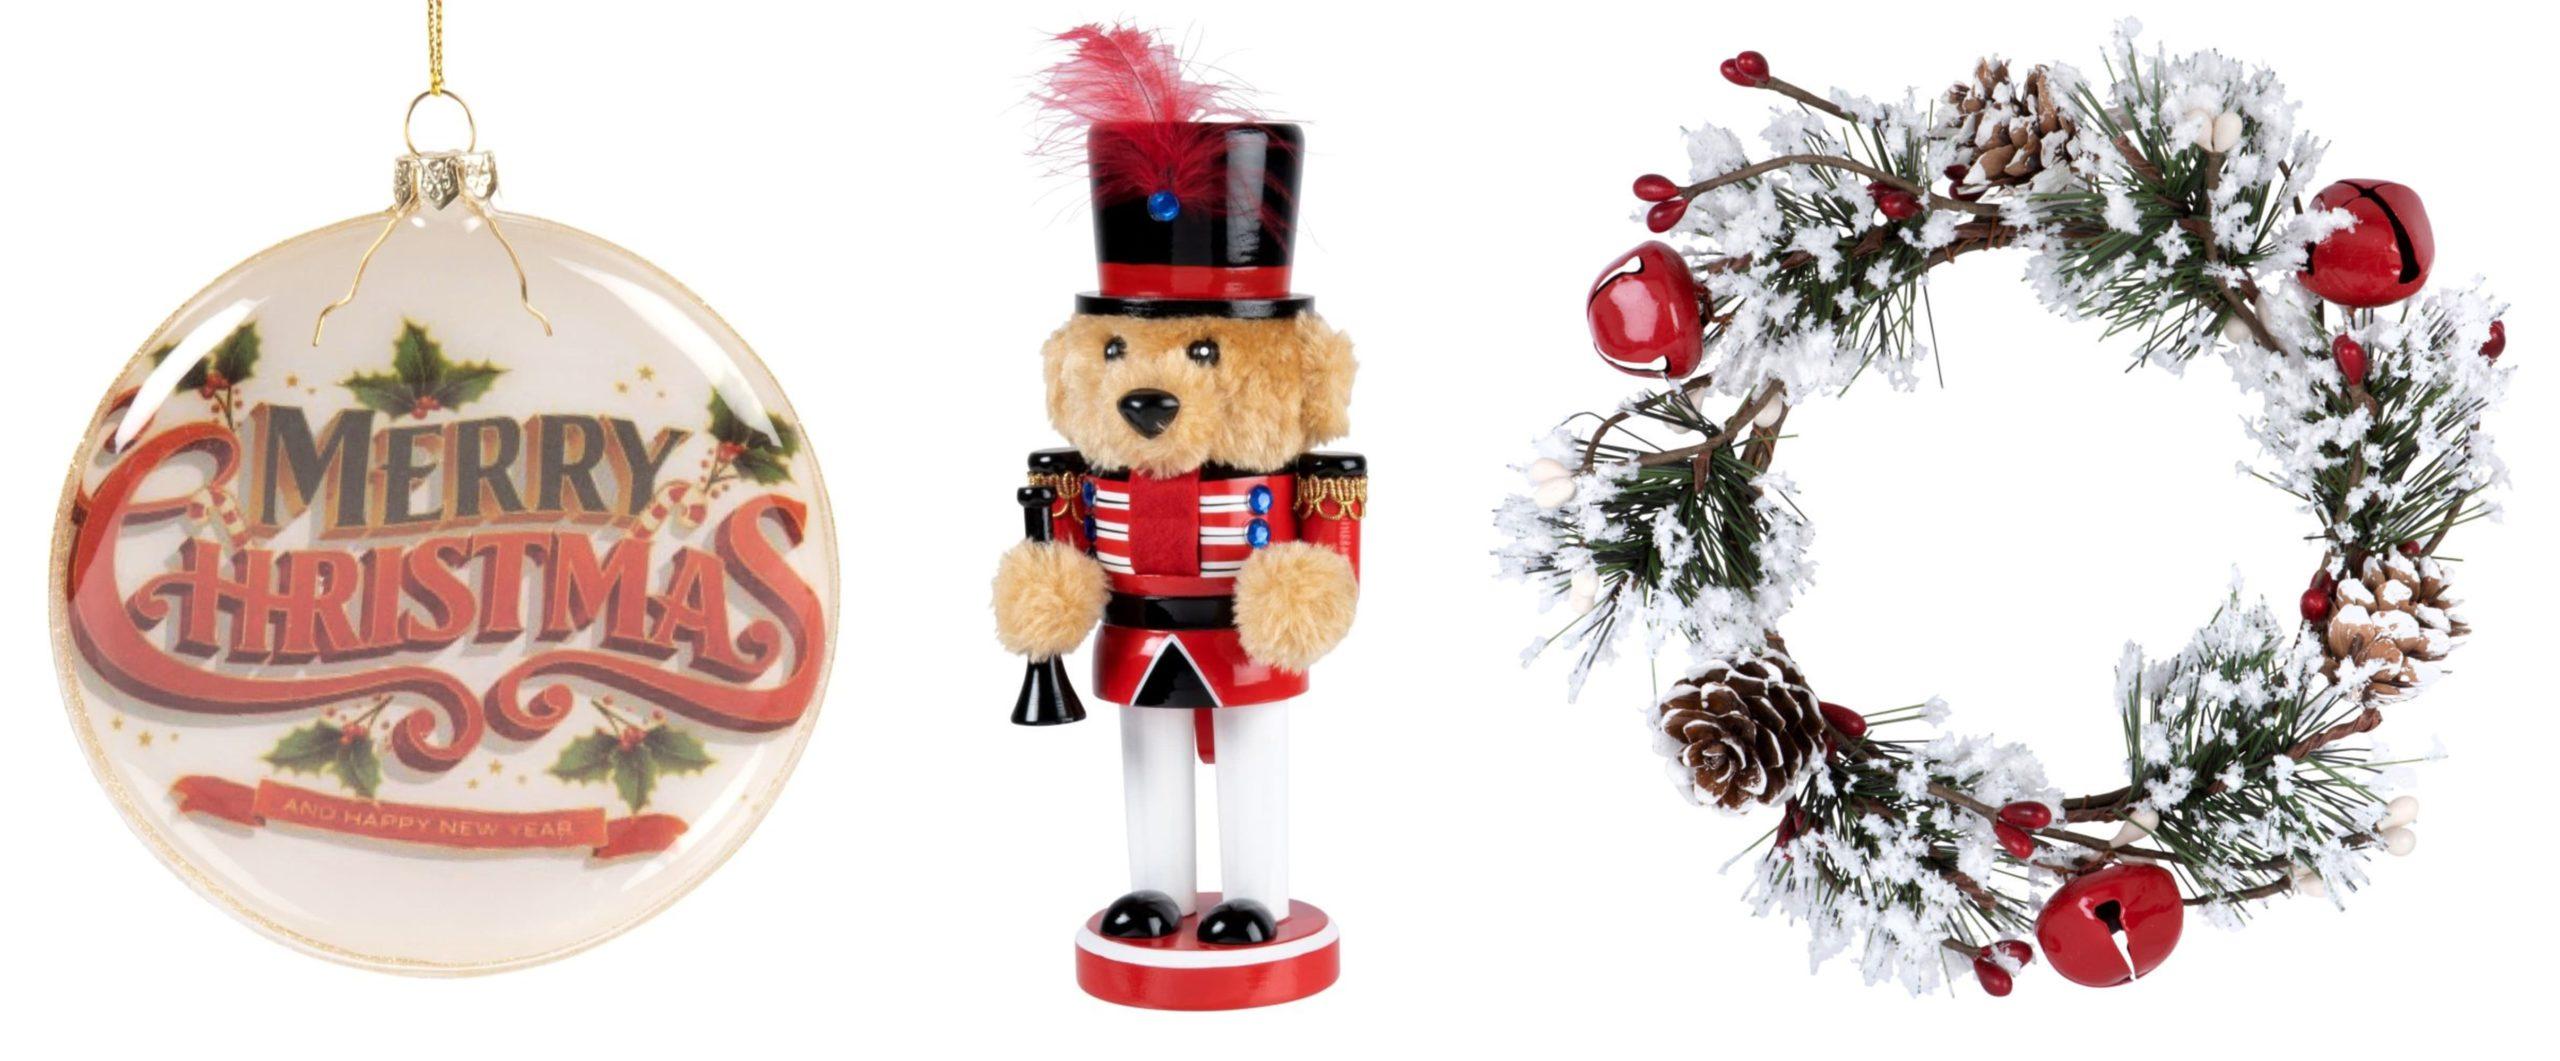 Decorazioni Natalizie 94.Decorazioni Di Natale 2020 Zara Ikea E Maisons Du Monde Diredonna